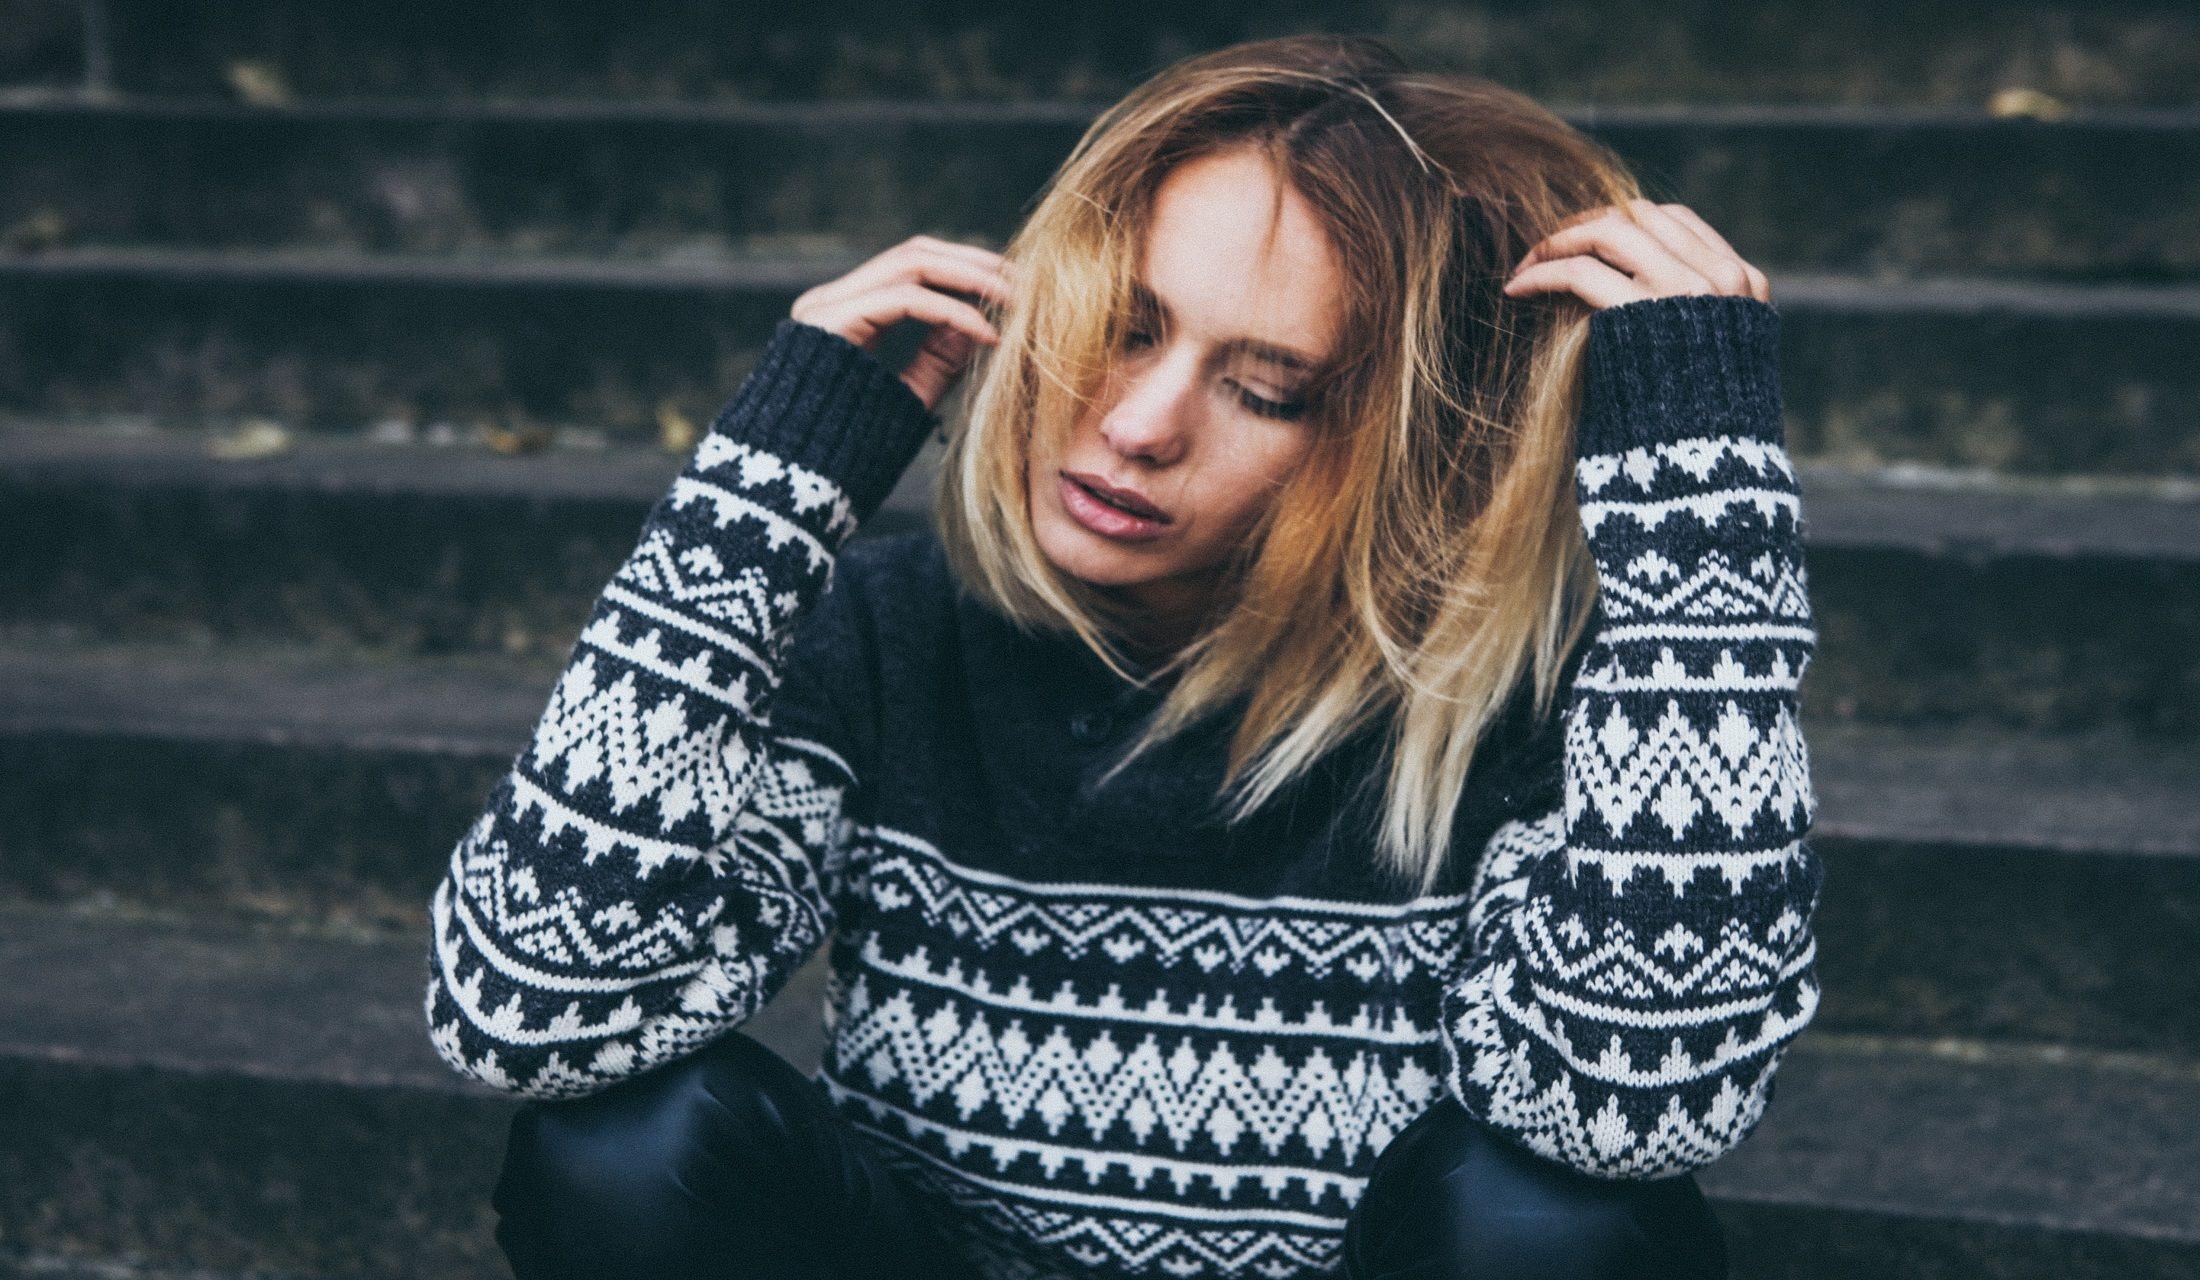 セーターを着ている女性